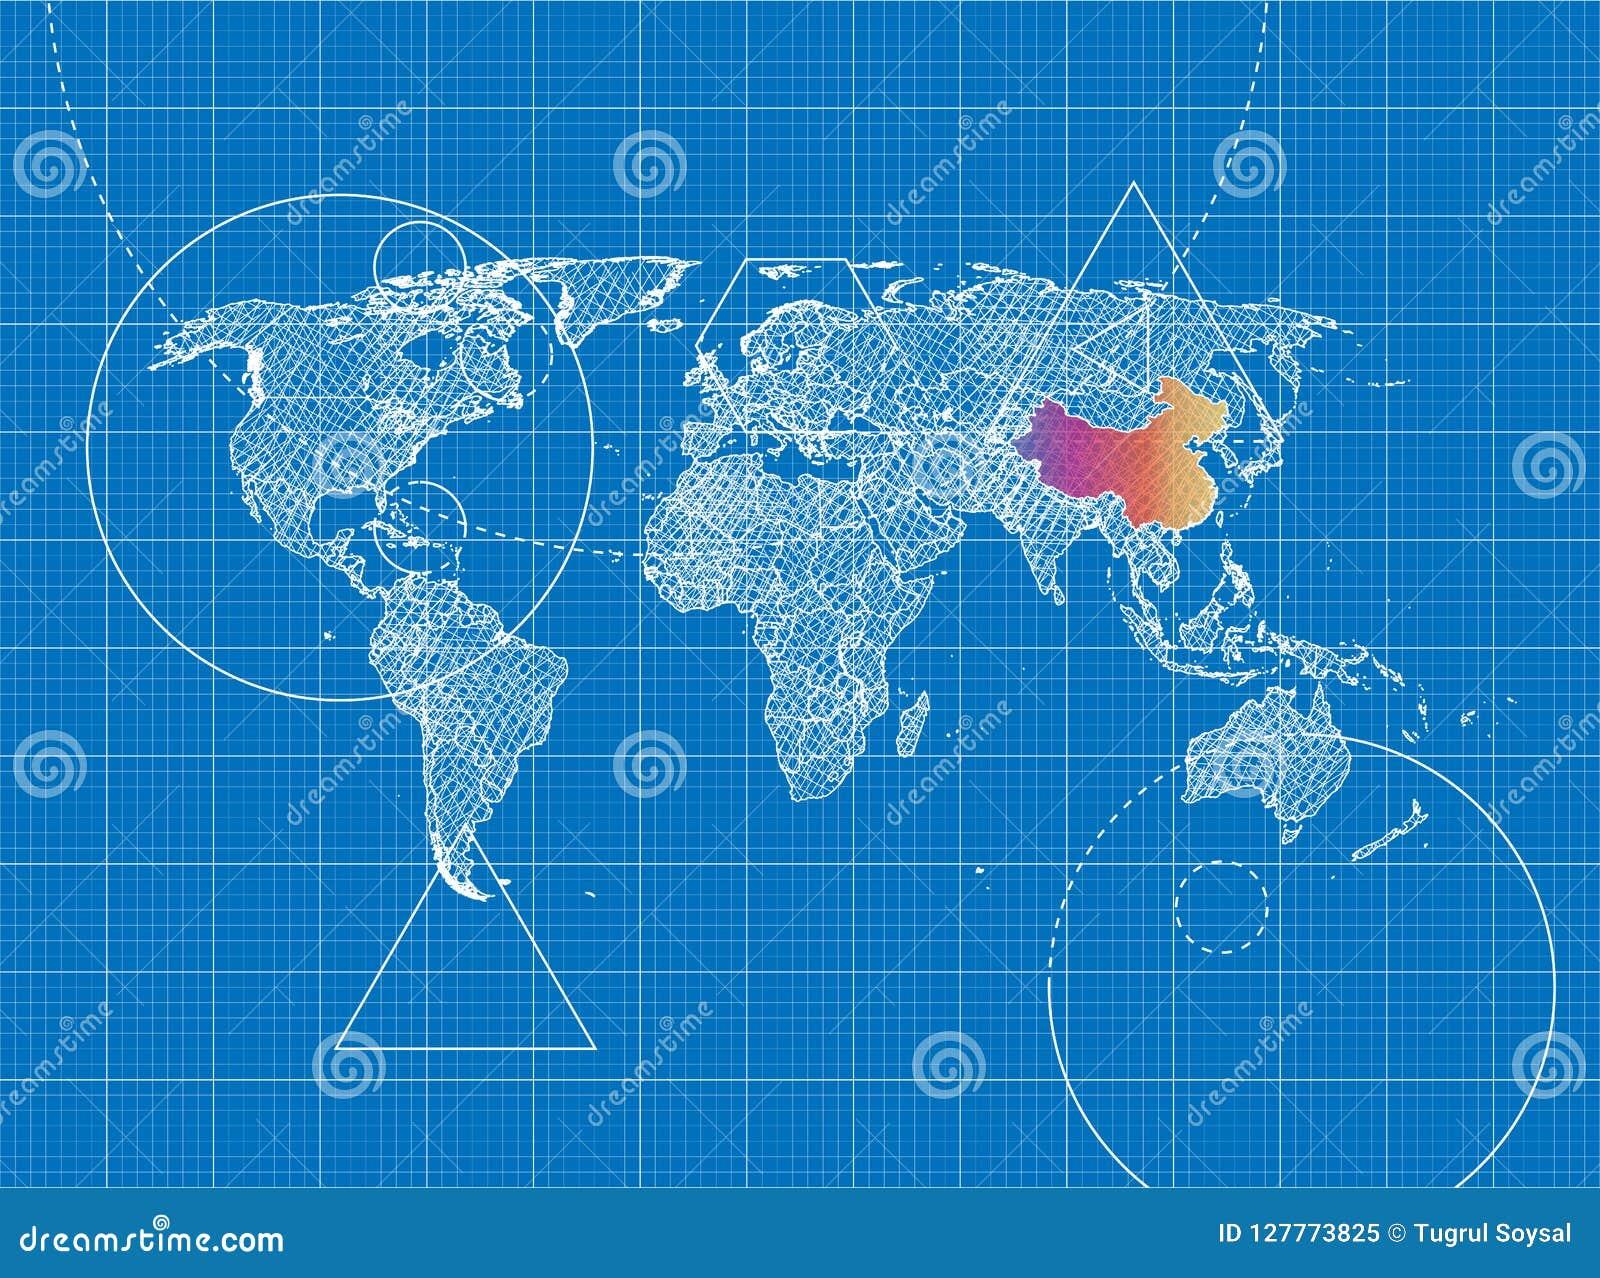 Mapa Del Mundo China.Modelo Del Mapa Del Mundo A China Stock De Ilustracion Ilustracion De Mapa Modelo 127773825